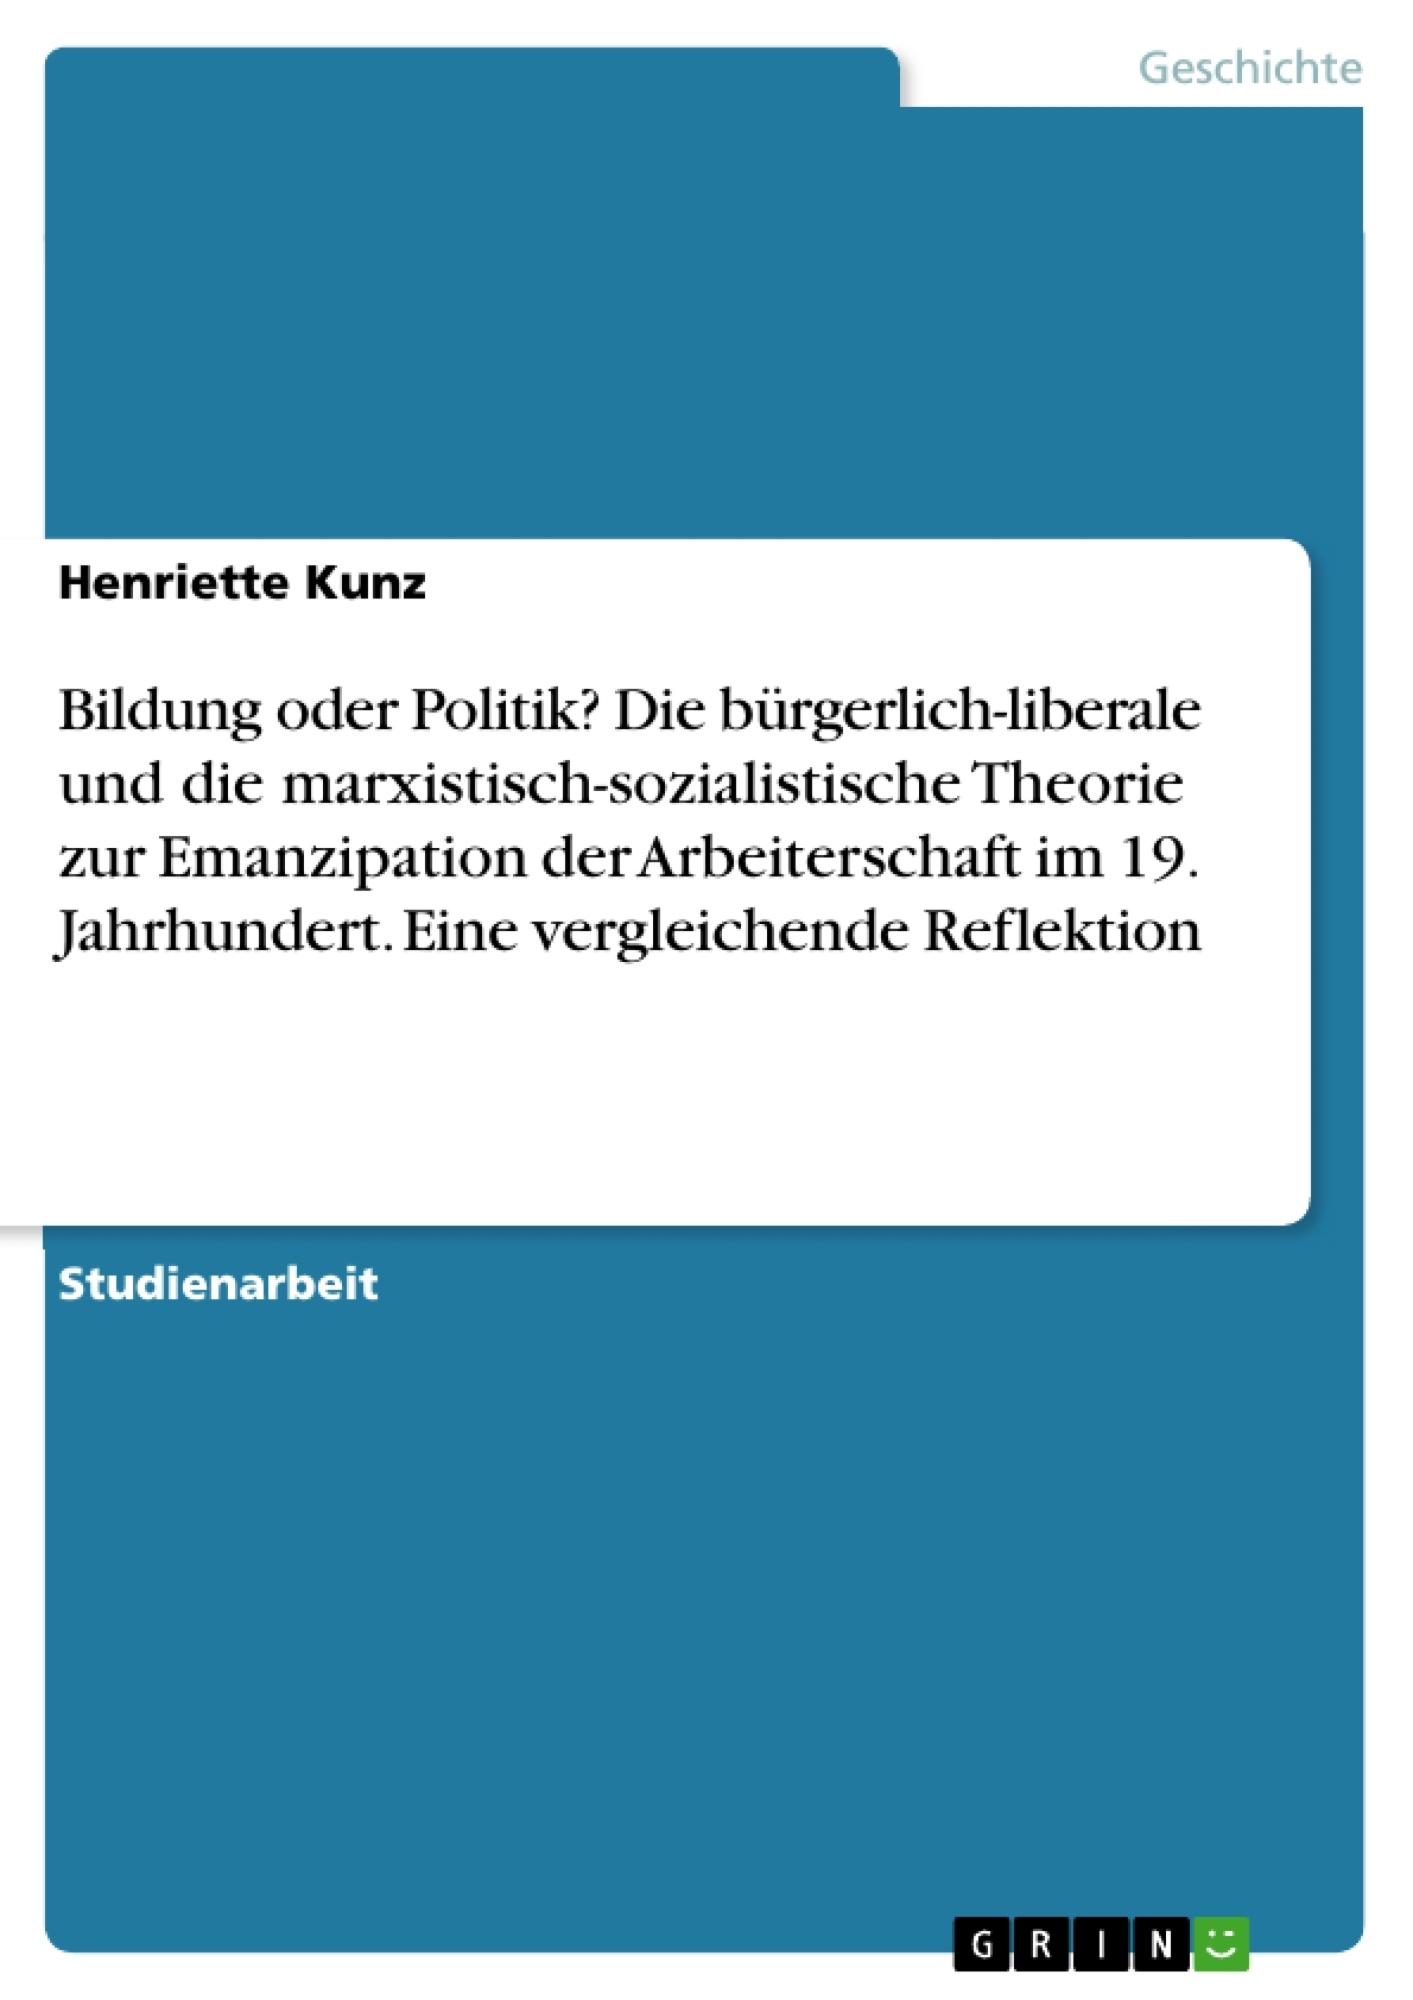 Titel: Bildung oder Politik? Die bürgerlich-liberale und die marxistisch-sozialistische Theorie zur Emanzipation der Arbeiterschaft im 19. Jahrhundert. Eine vergleichende Reflektion